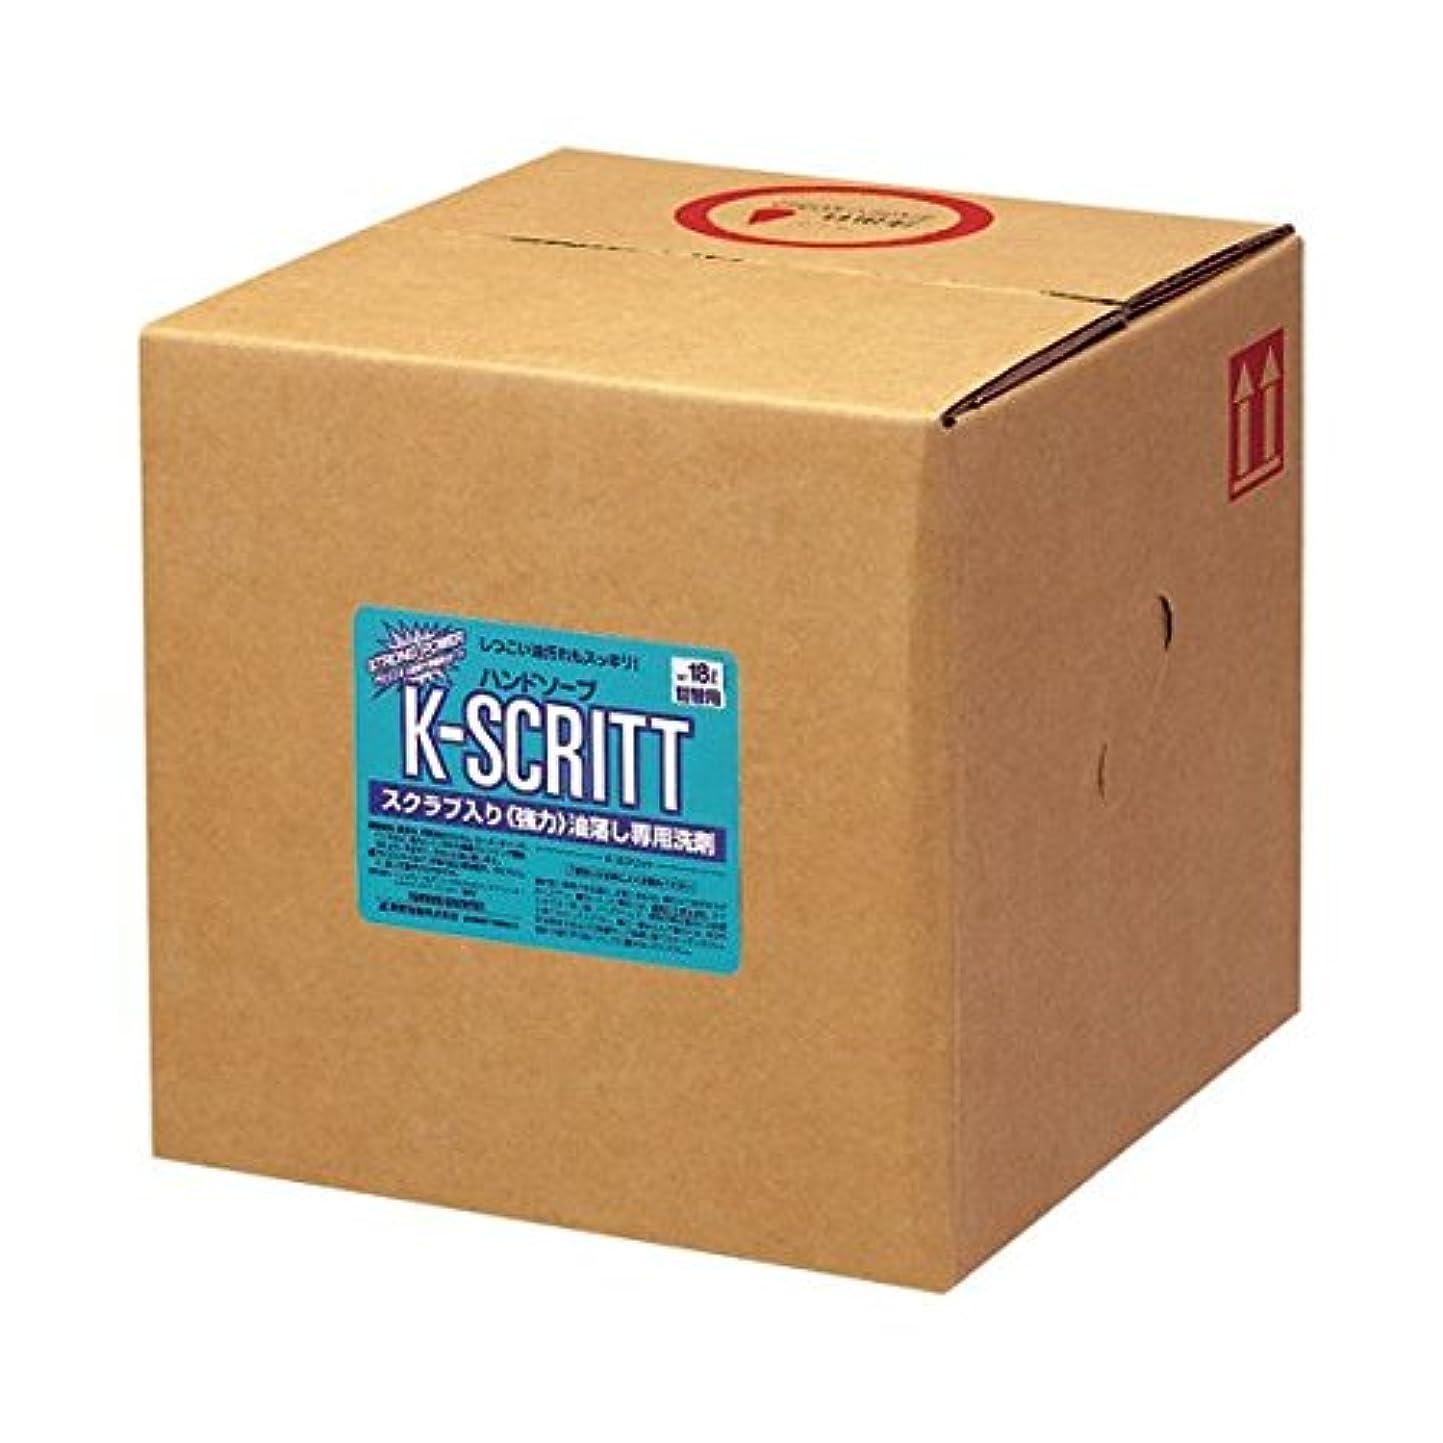 杖休暇穿孔する熊野油脂 K-スクリット ハンドソープ 詰替用 18L ds-1825966